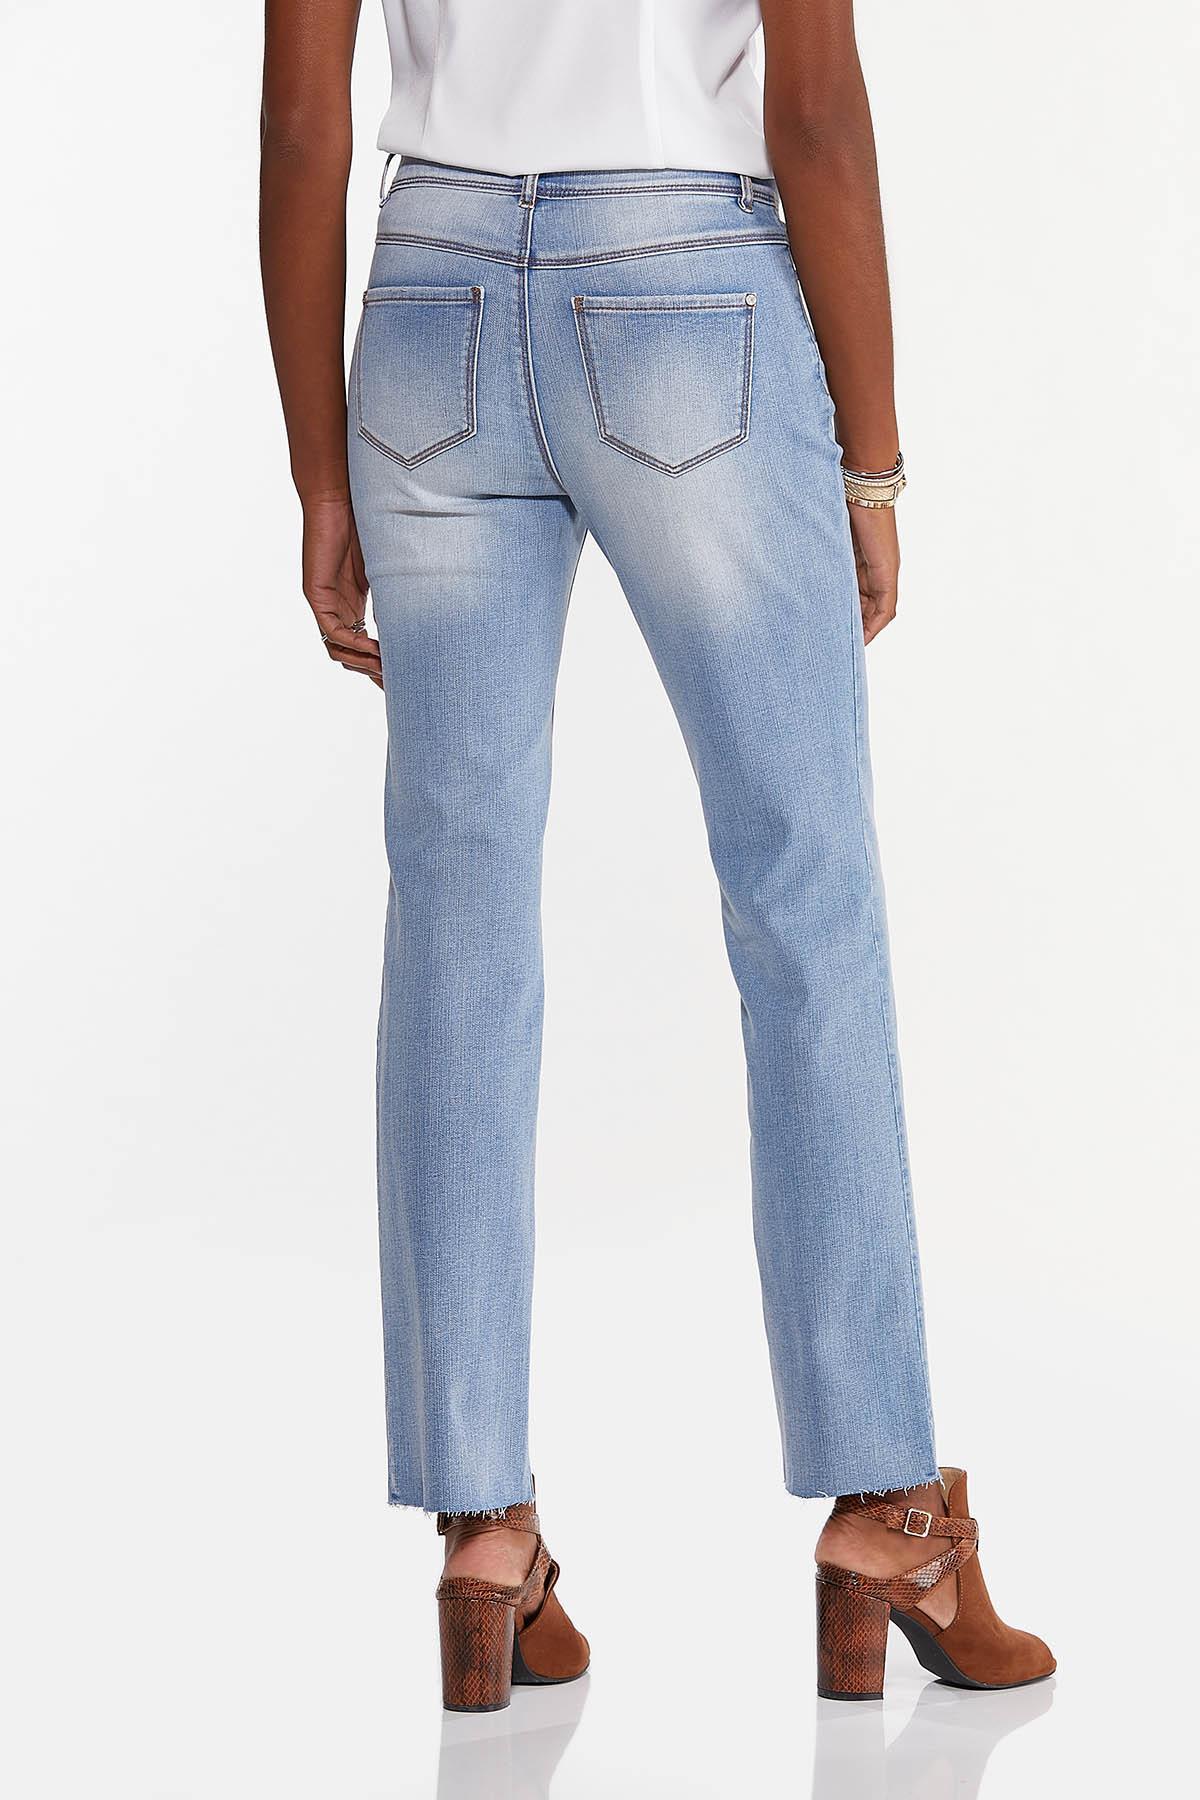 Lightwash Jeans (Item #44645501)